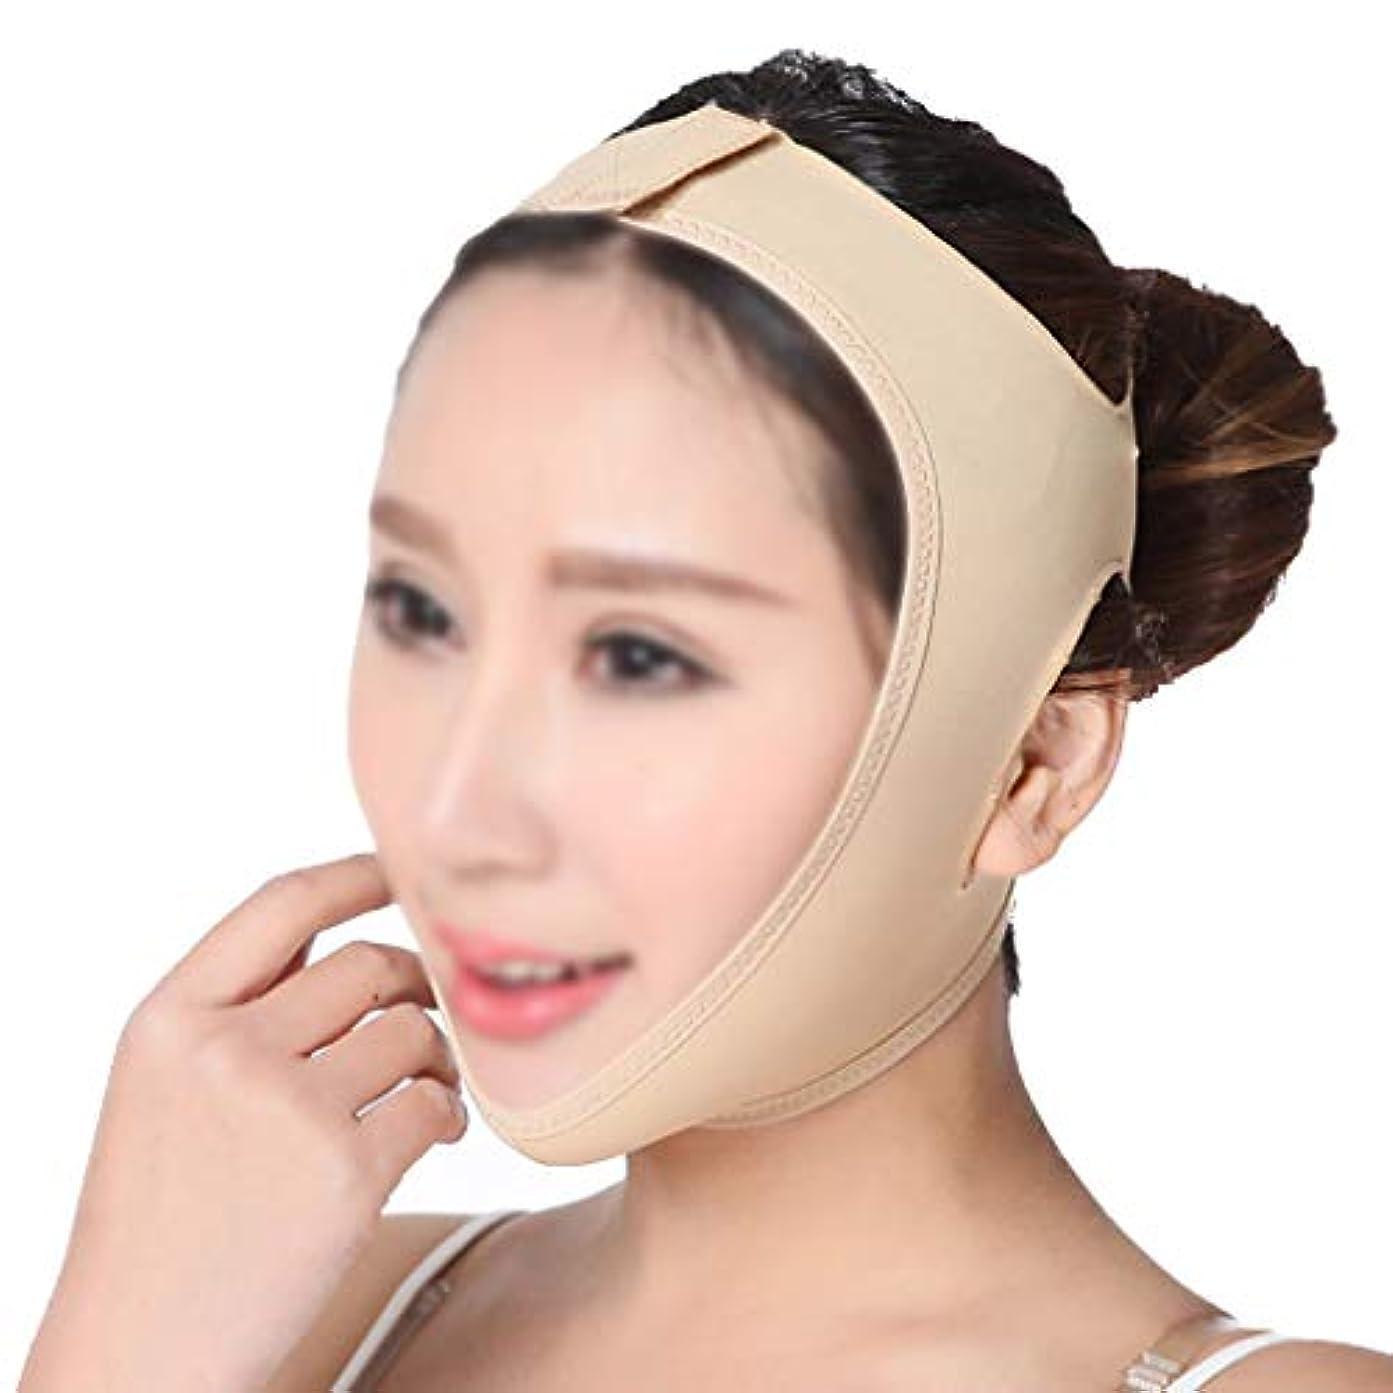 認める悲劇整理するXHLMRMJ 薄い顔包帯顔スリム二重あごを取り除くVラインの顔の形を作成するあごの頬リフトアップ抗しわを持ち上げるベルトフェイスマッサージツール (Size : XL)